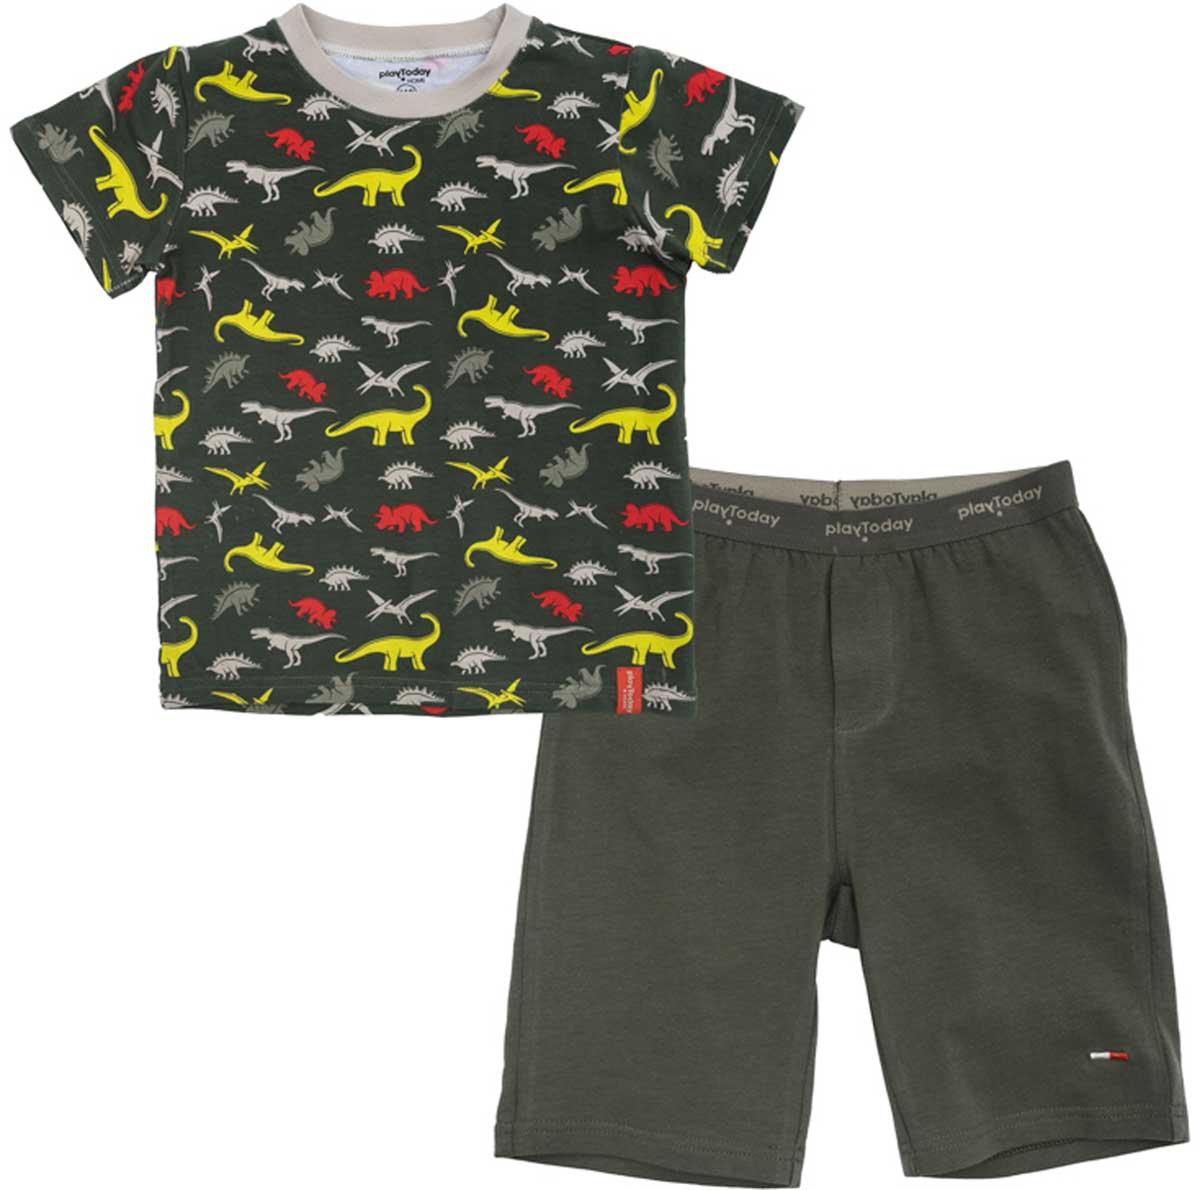 Комплект для мальчика PlayToday: футболка, шорты, цвет: темно-серый. 175003. Размер 104175003Комплект из майки и шорт прекрасно подойдет для домашнего использования. Может быть и домашней одеждой, и уютной пижамой. Мягкий, приятный к телу, материал не сковывает движений. Яркий принт является достойным украшением данного изделия.